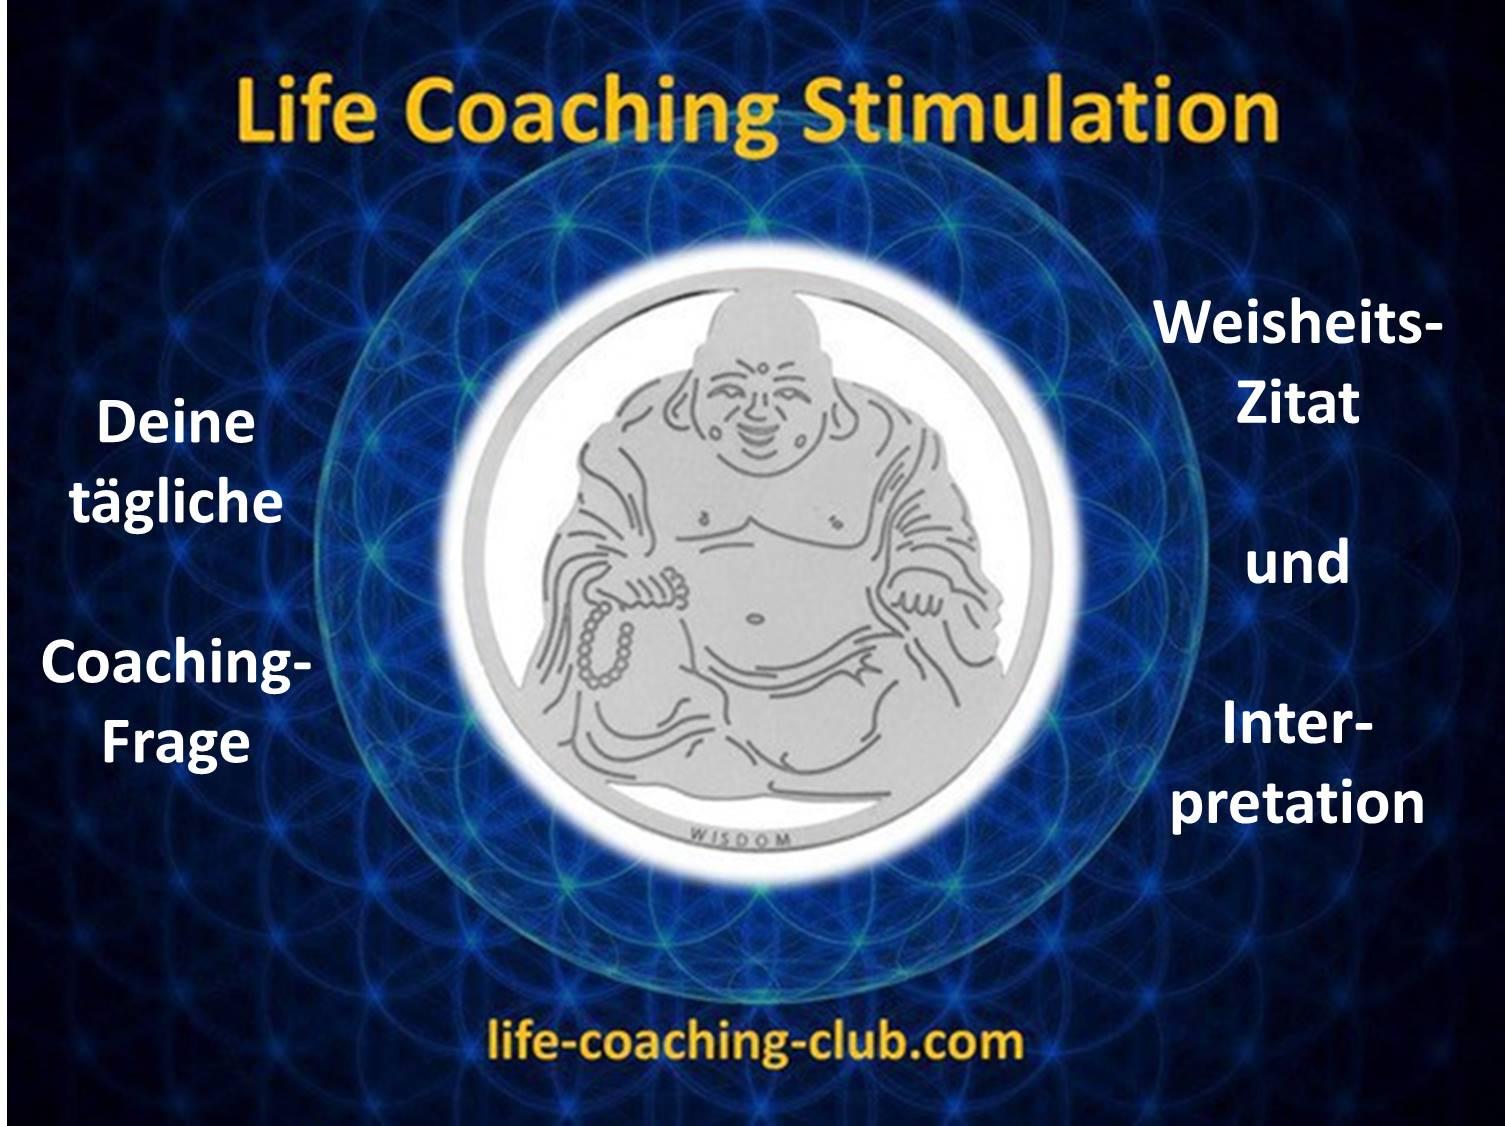 Coaching-Frage